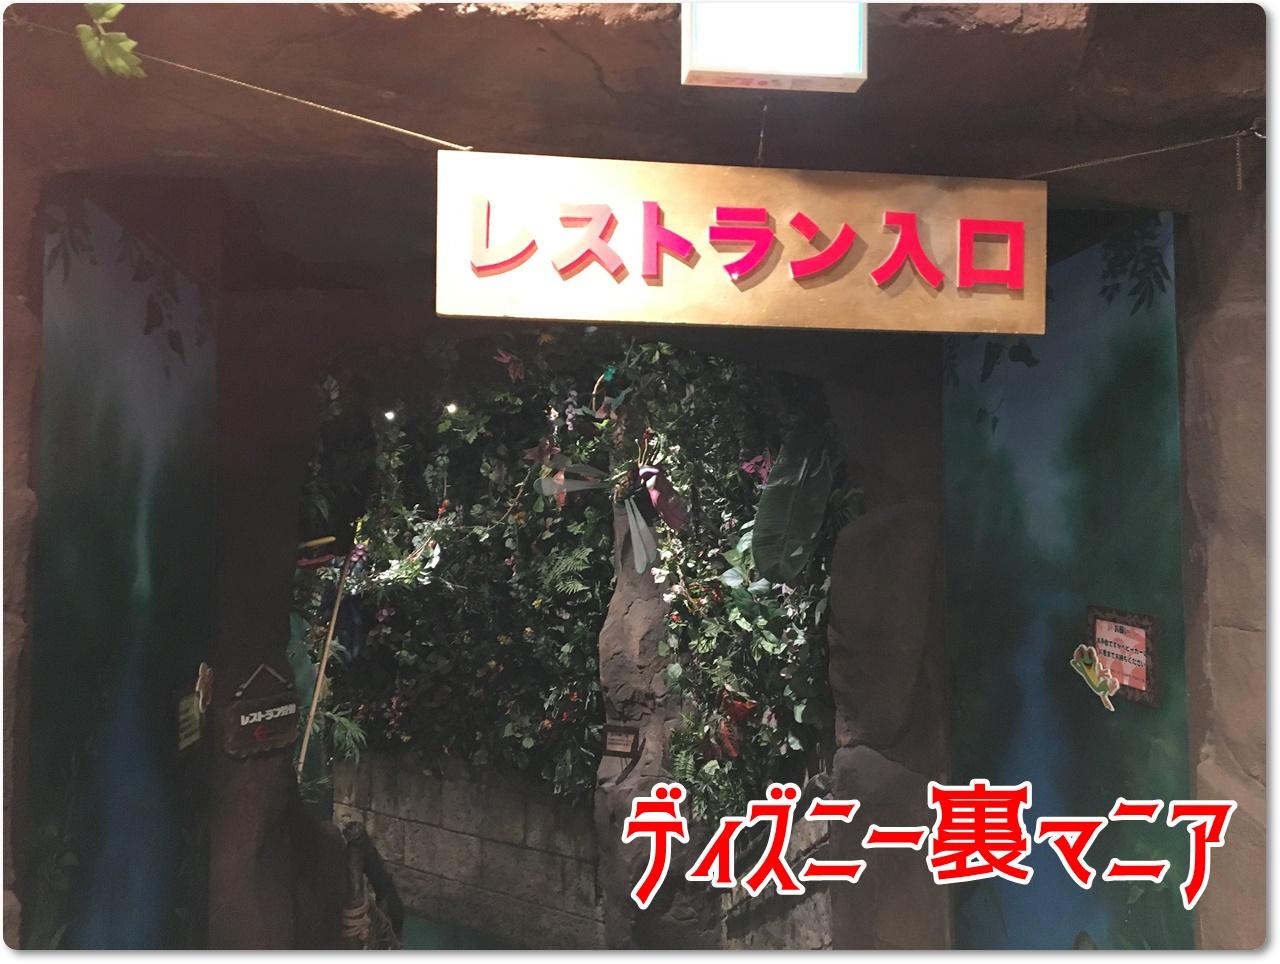 レインフォレストカフェ レストラン入口